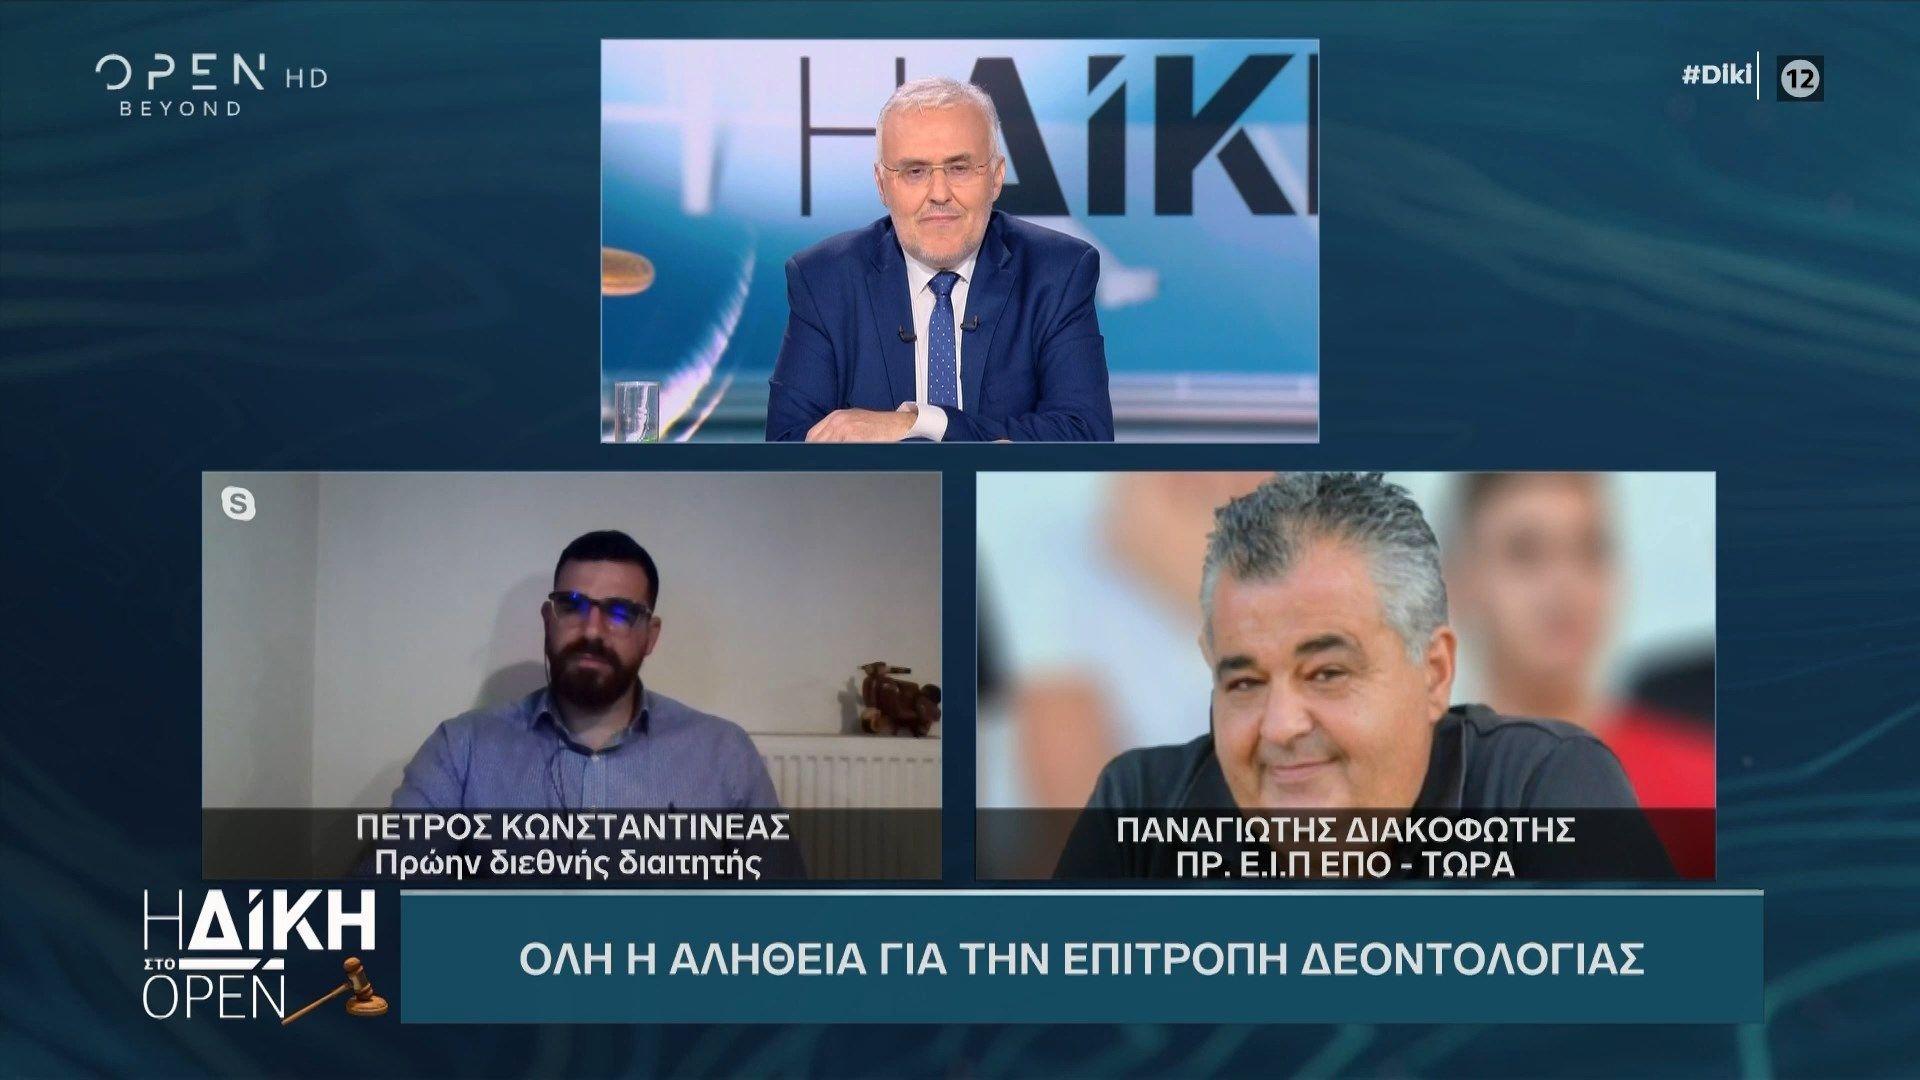 """""""Δίκη"""": Στο """"κάδρο"""" ο Κωνσταντινέας Σπηλιώτη, αναφορές σε Σταθόπουλο, Μπλάνα, ΕΠΣ Μεσσηνίας (+video)"""